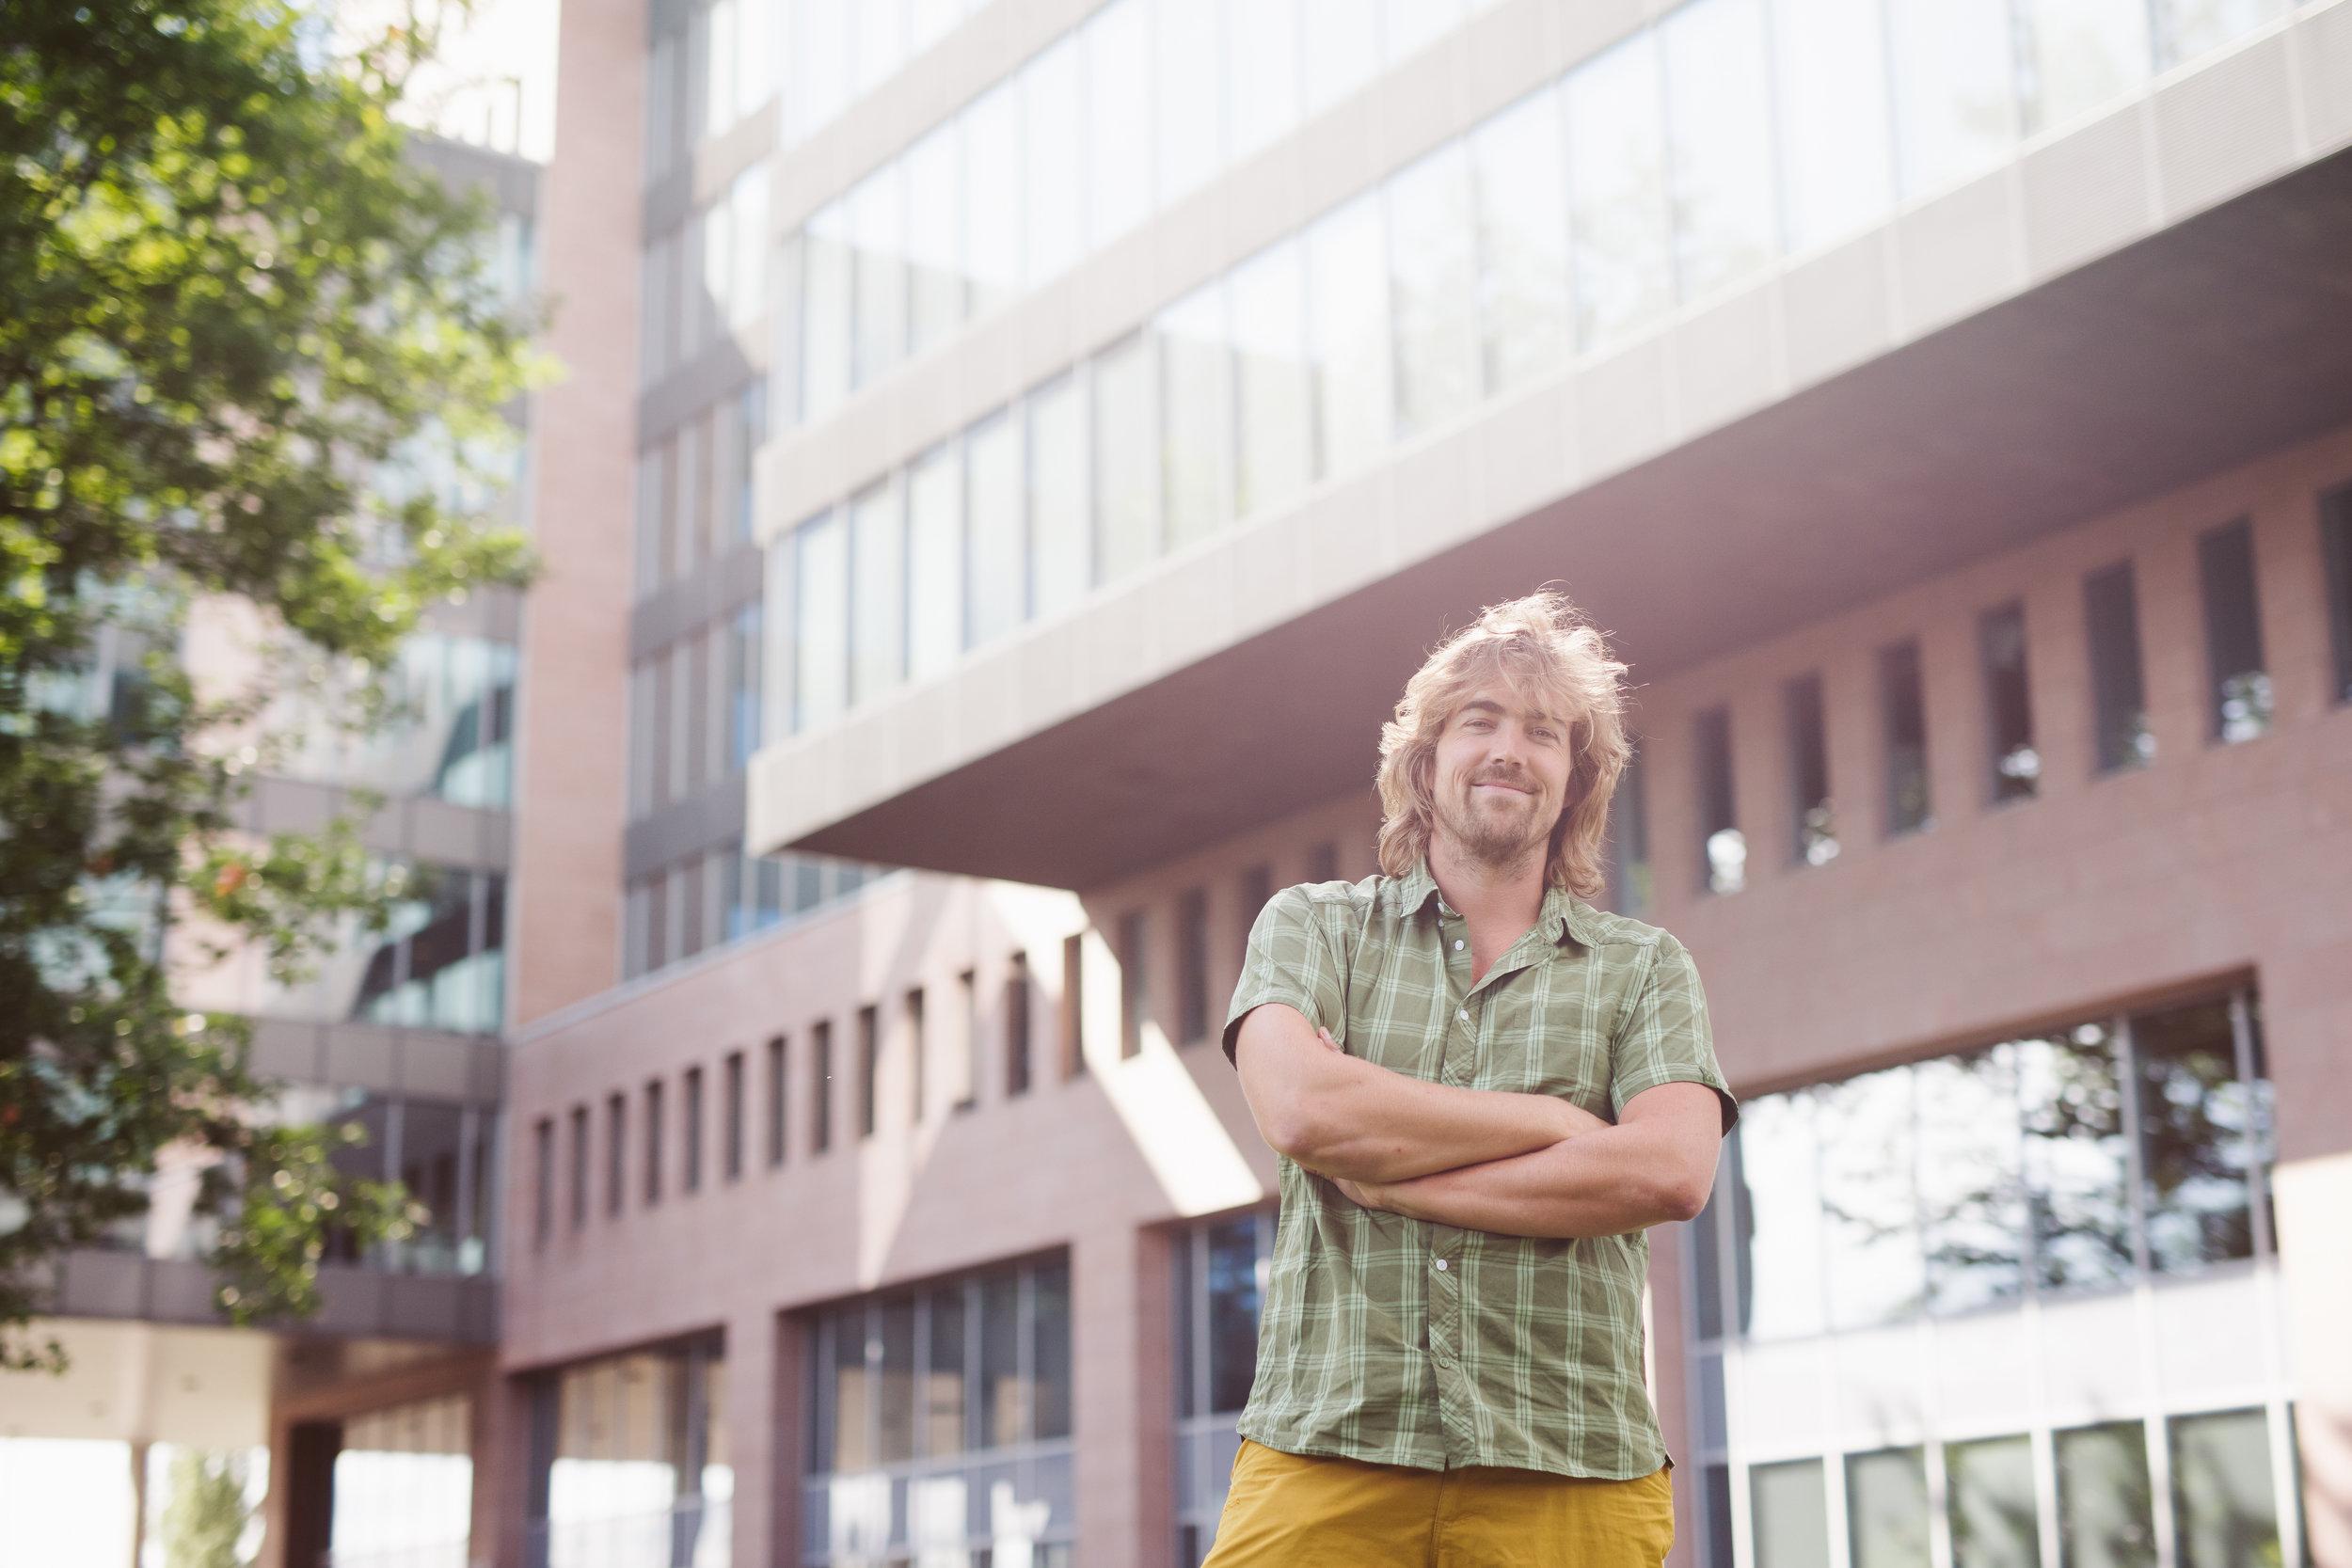 Digipolis Gent - Bellevue 1, 9000 GentZin om voor Gent te werken? Cuberdons snoepen op de Kouter en iBeacons spotten bij de Krook. Bij Digipolis maak je van de stad jouw job en bouw je mee aan innovatieve projecten die het leven van duizenden Gentenaren beter maken.